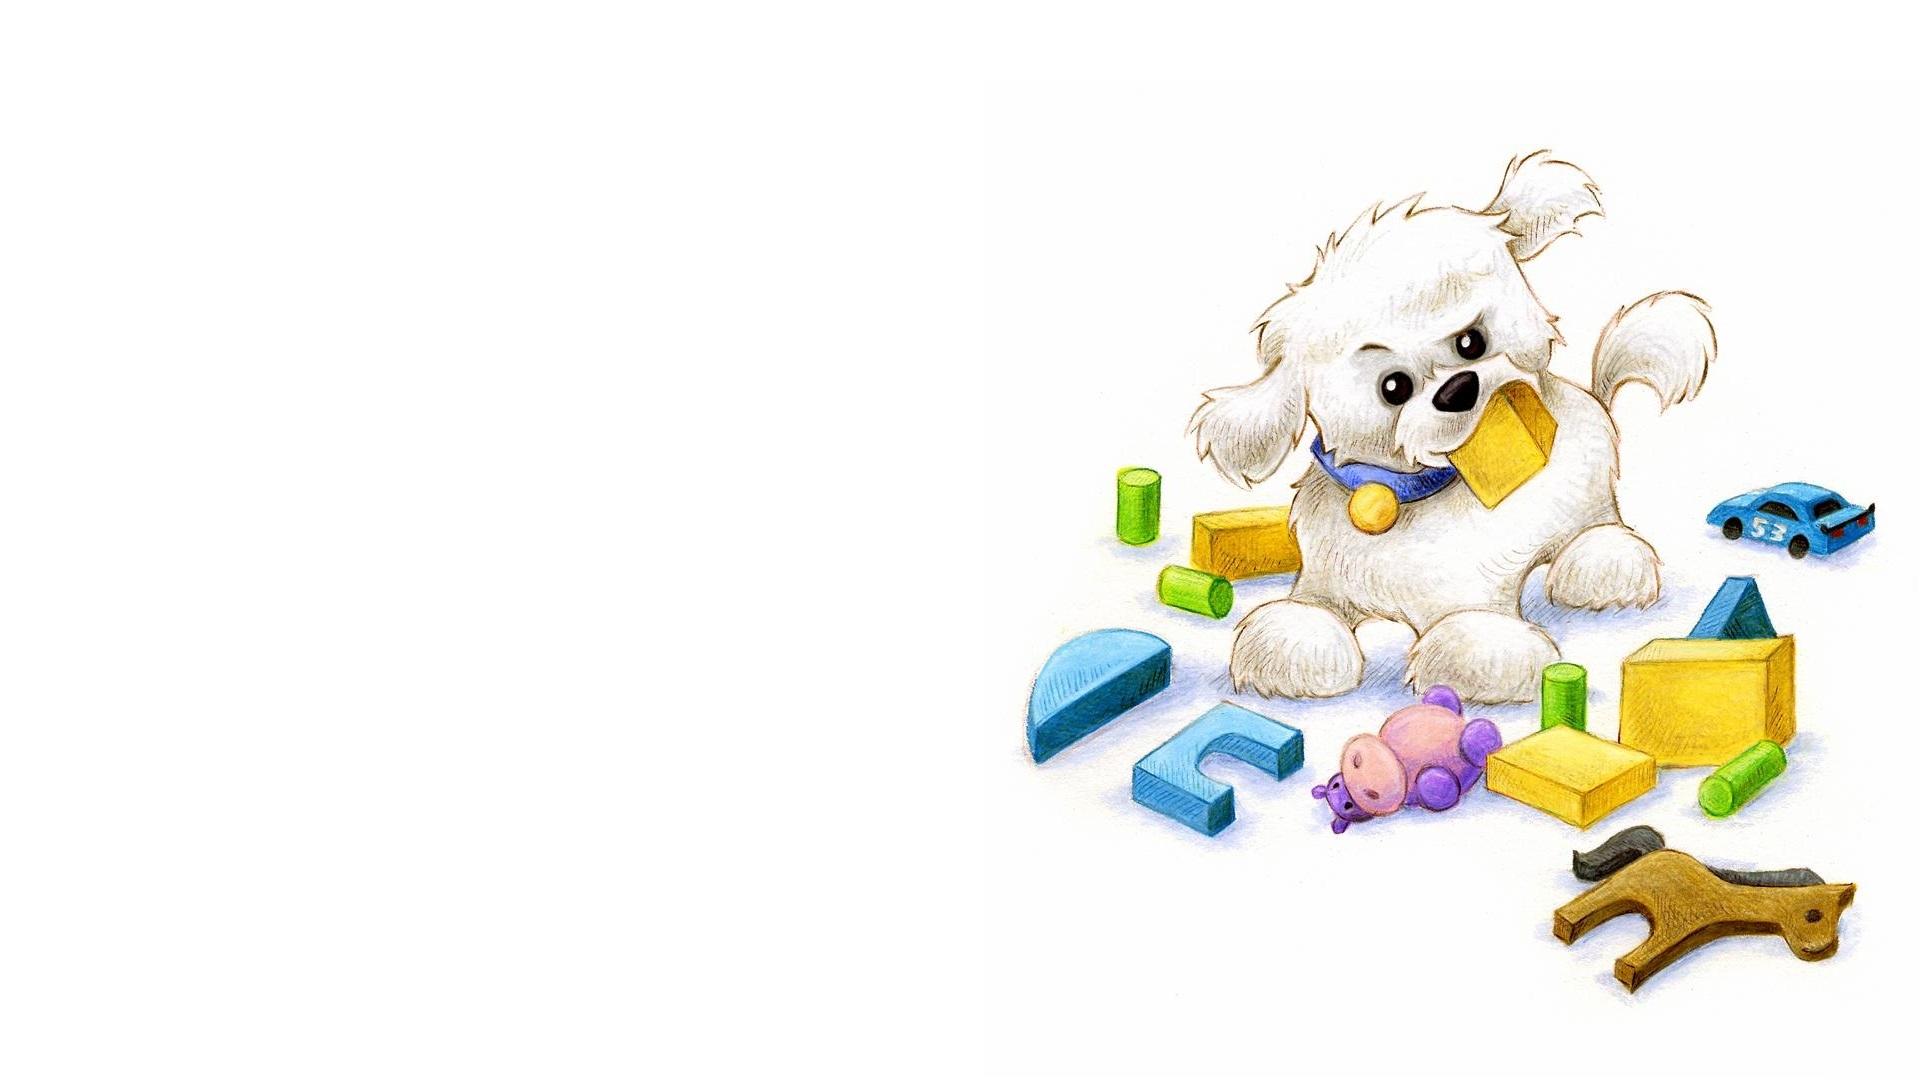 ярки игрушки  № 641572 загрузить